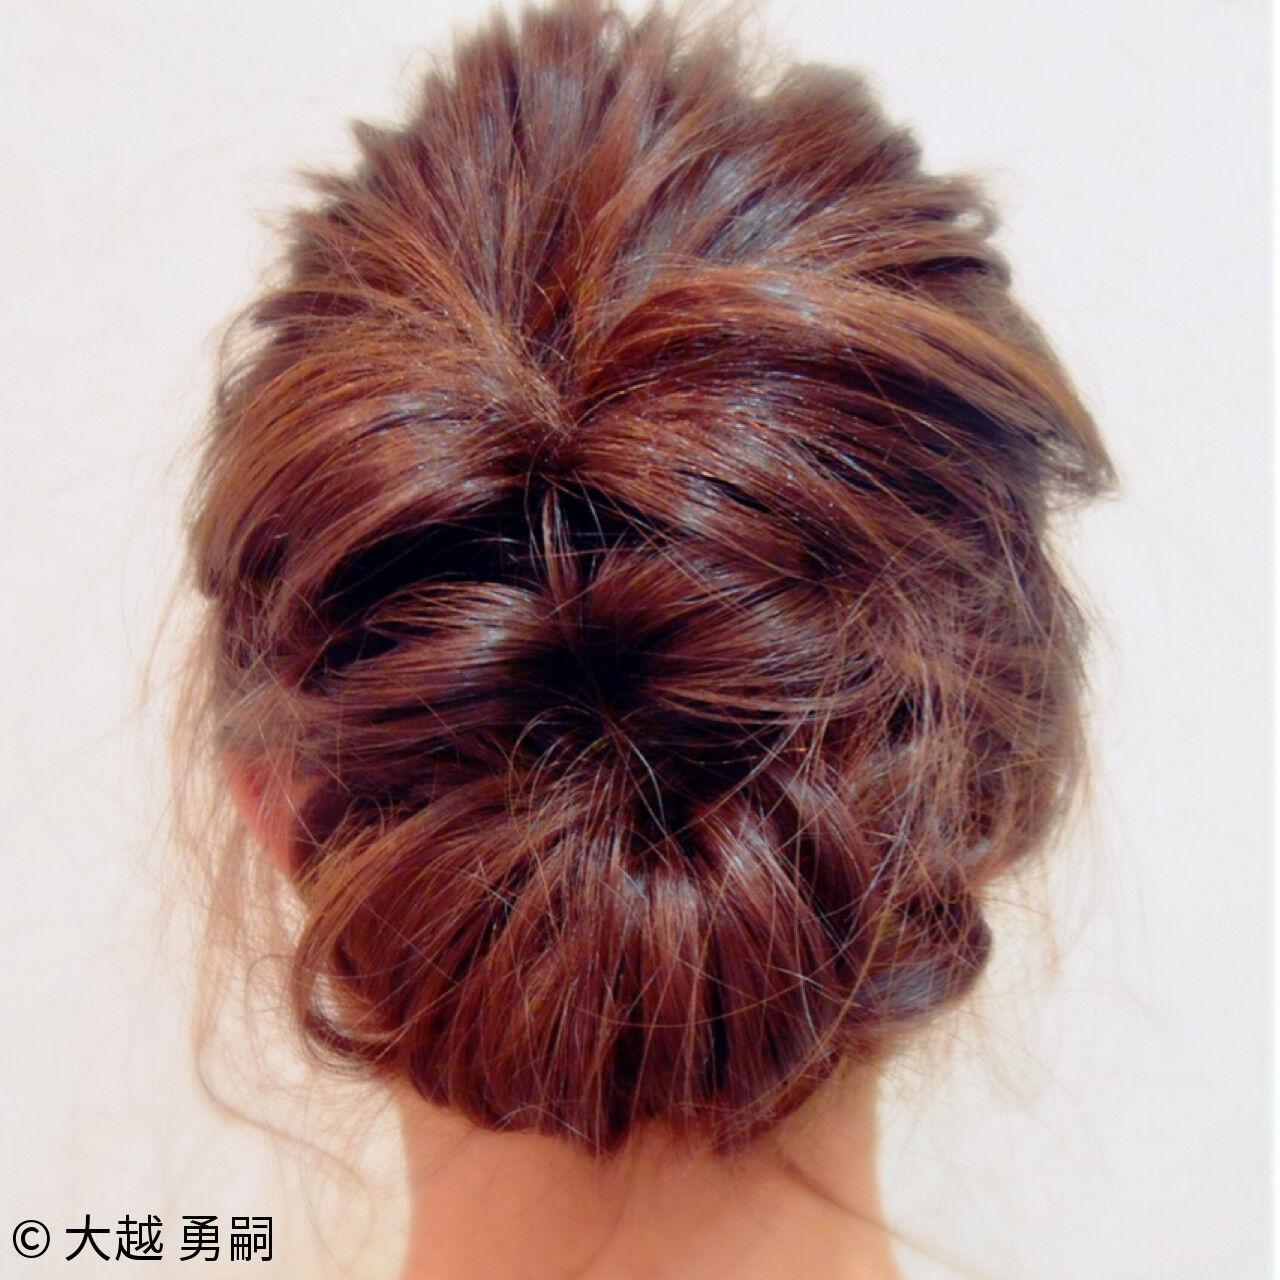 ヘアアレンジ 編み込み 大人女子 くるりんぱヘアスタイルや髪型の写真・画像